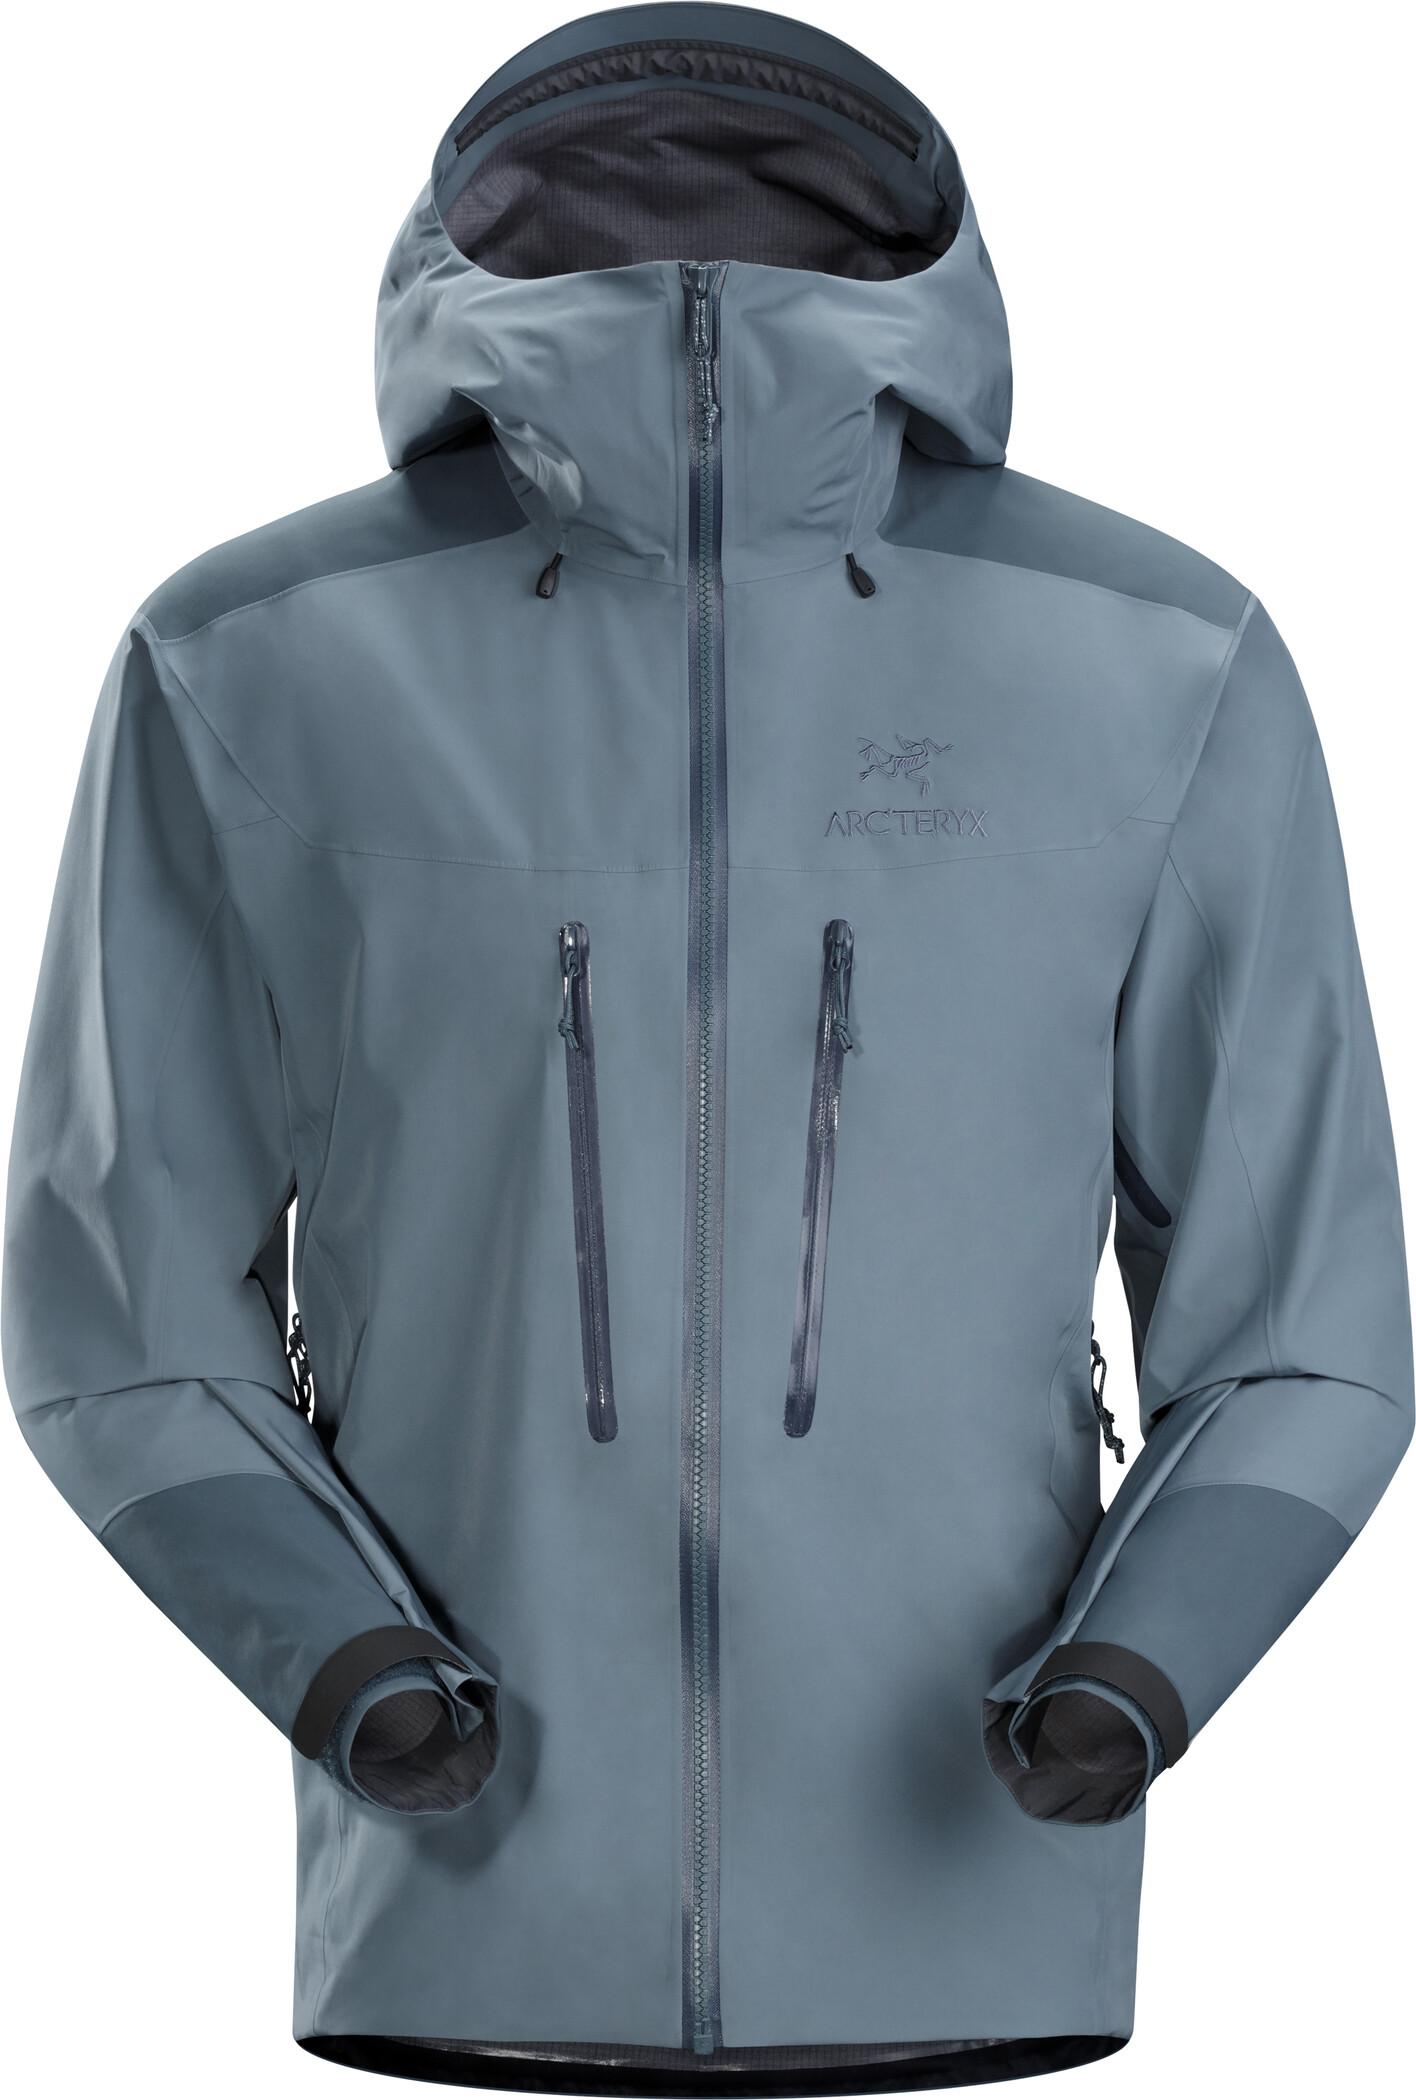 Arc'teryx Alpha AR Jacket Regenjacke Herren